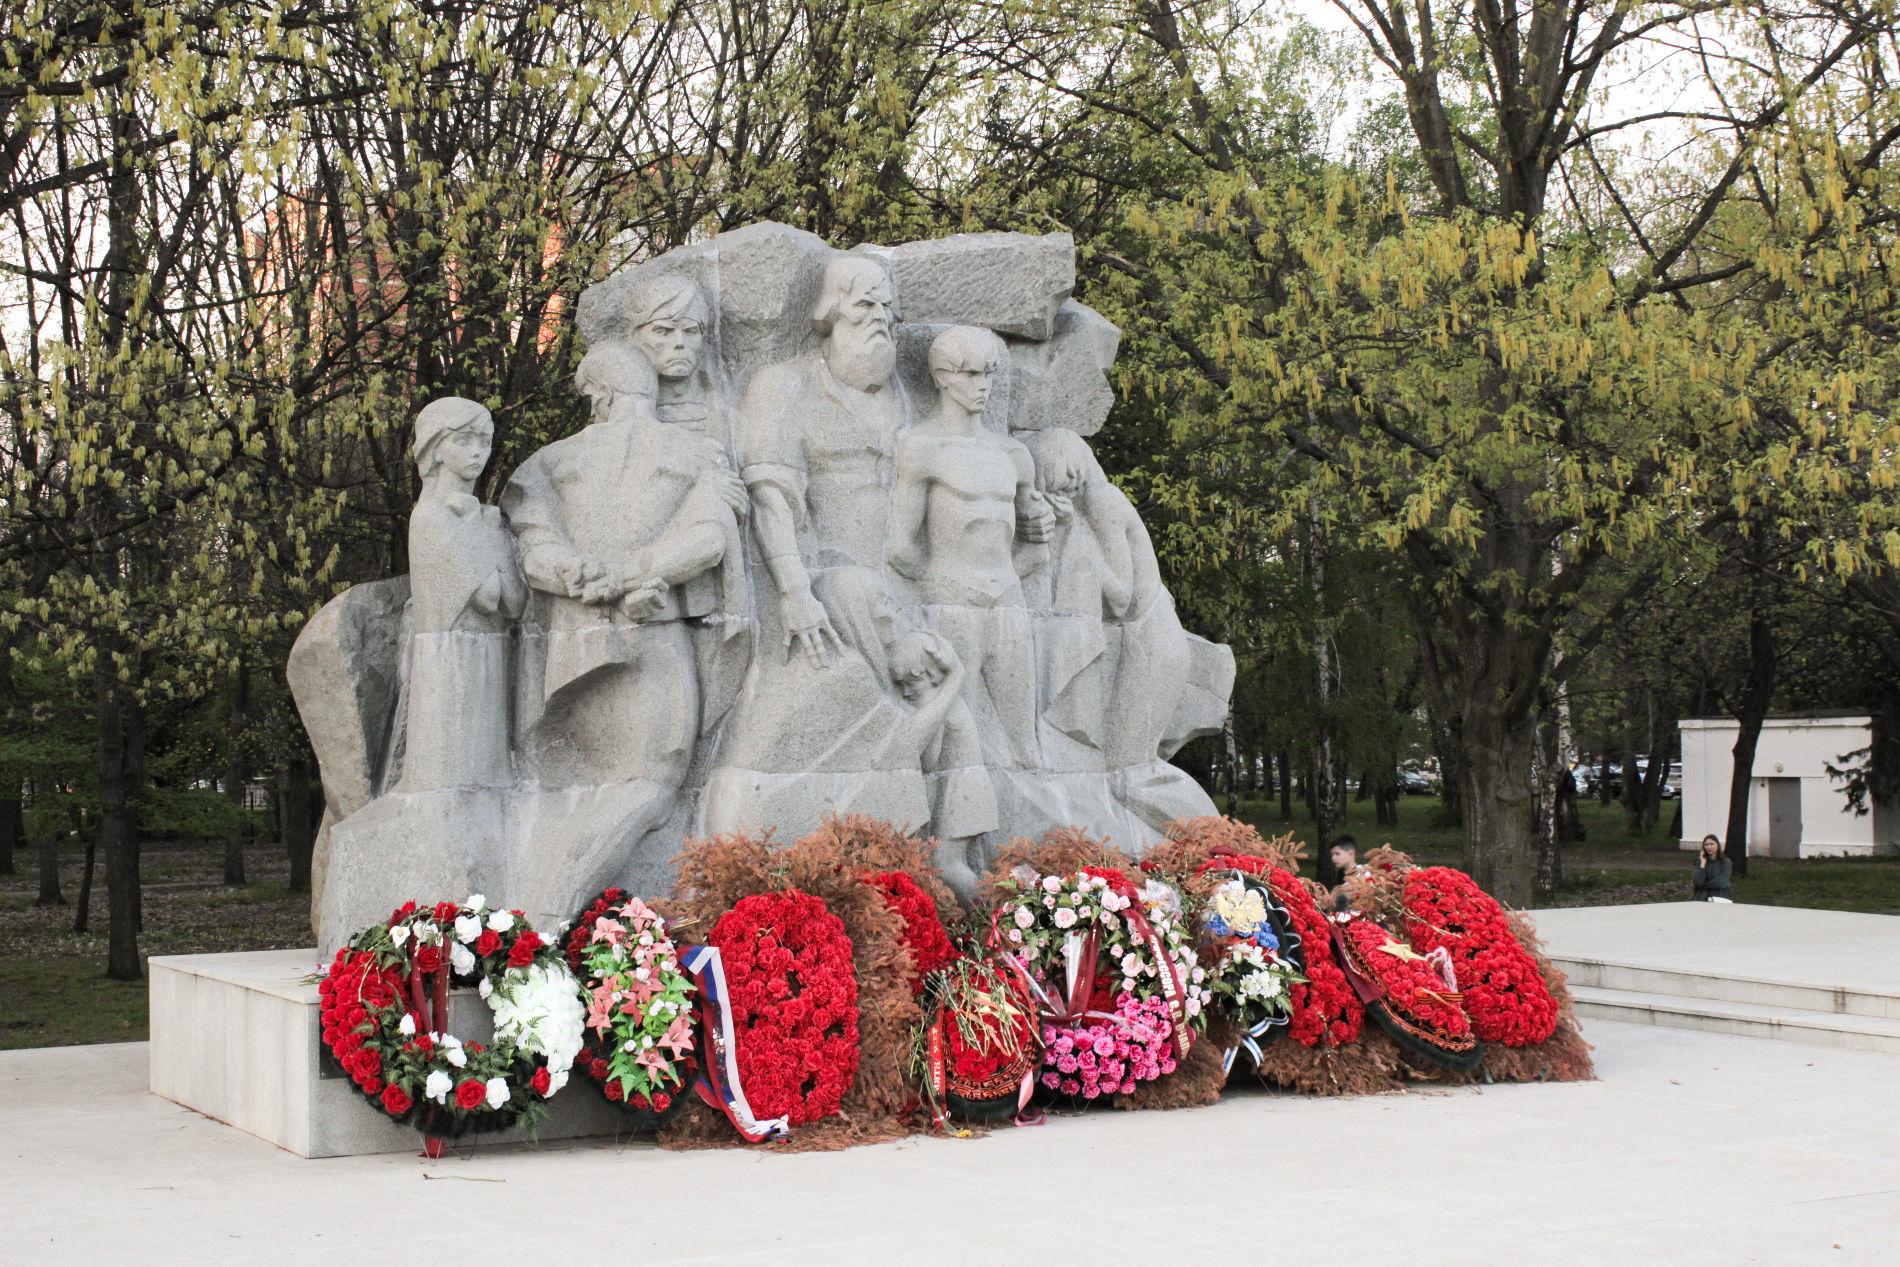 Скульптурная группа, символизирующая 13 тыс. жертв фашизма ©Фото Динара Бурангулова, Юга.ру